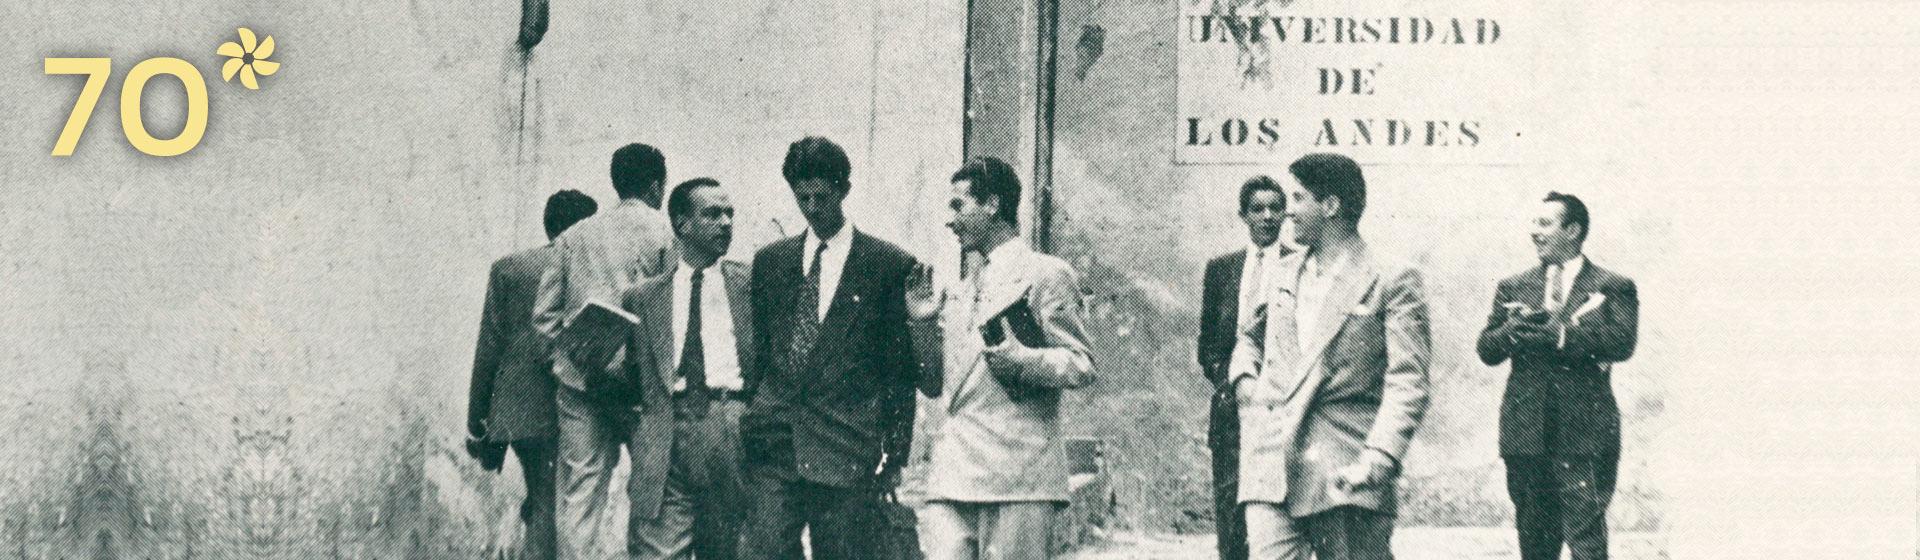 Imagen fachada Universidad de los Andes 1948